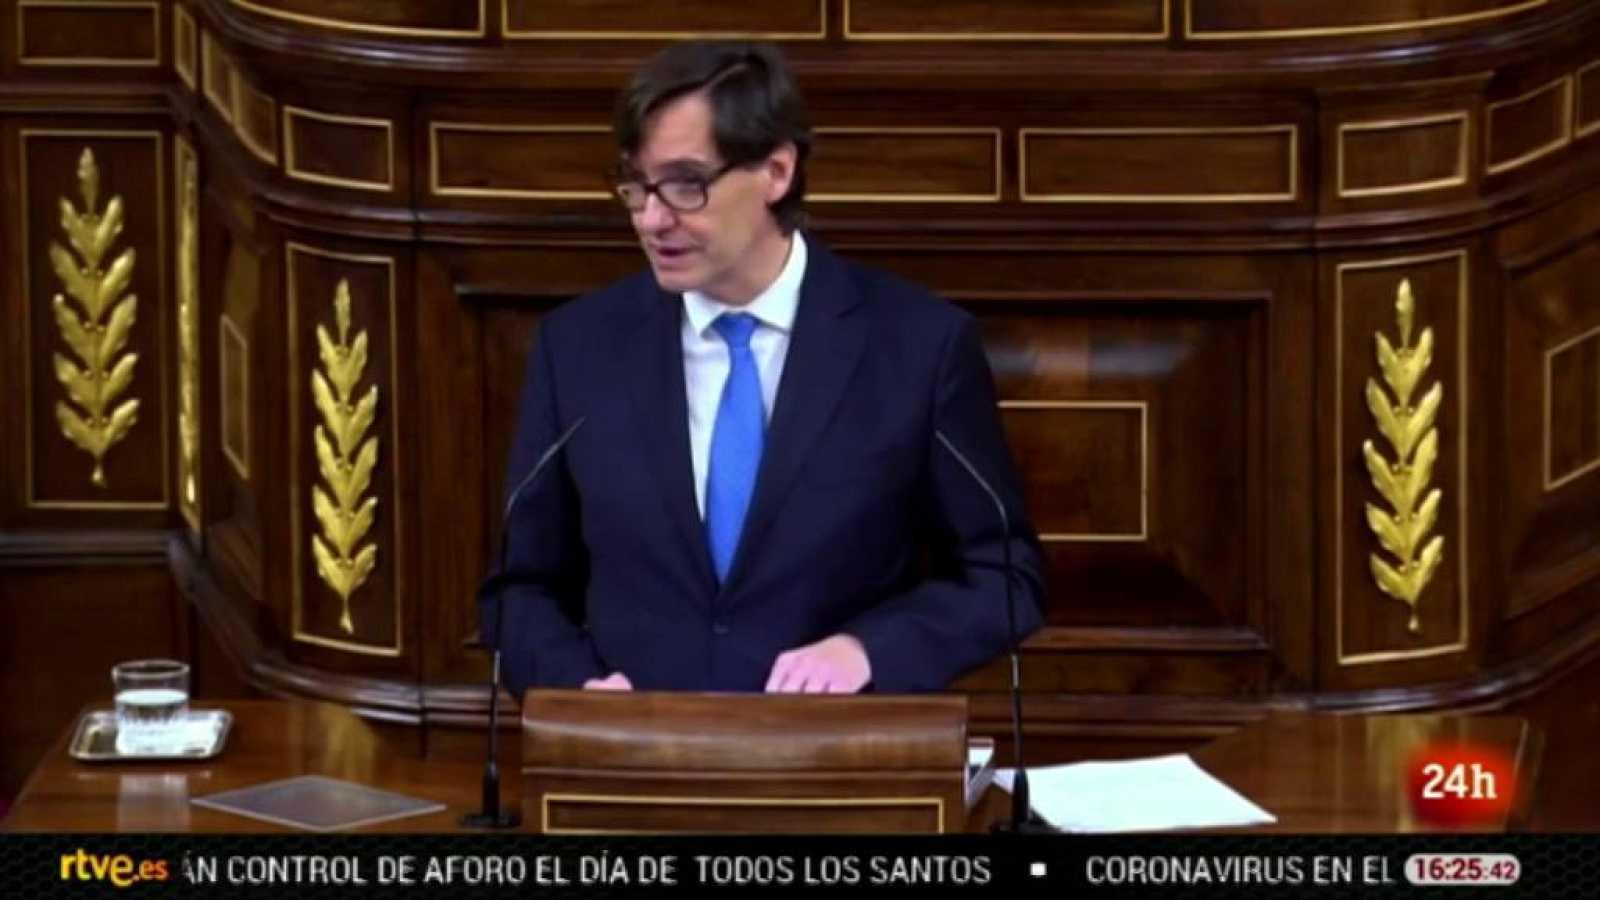 Parlamento - El foco parlamentario - Prórroga del estado de alarma hasta el 9 de mayo - 31/10/2020